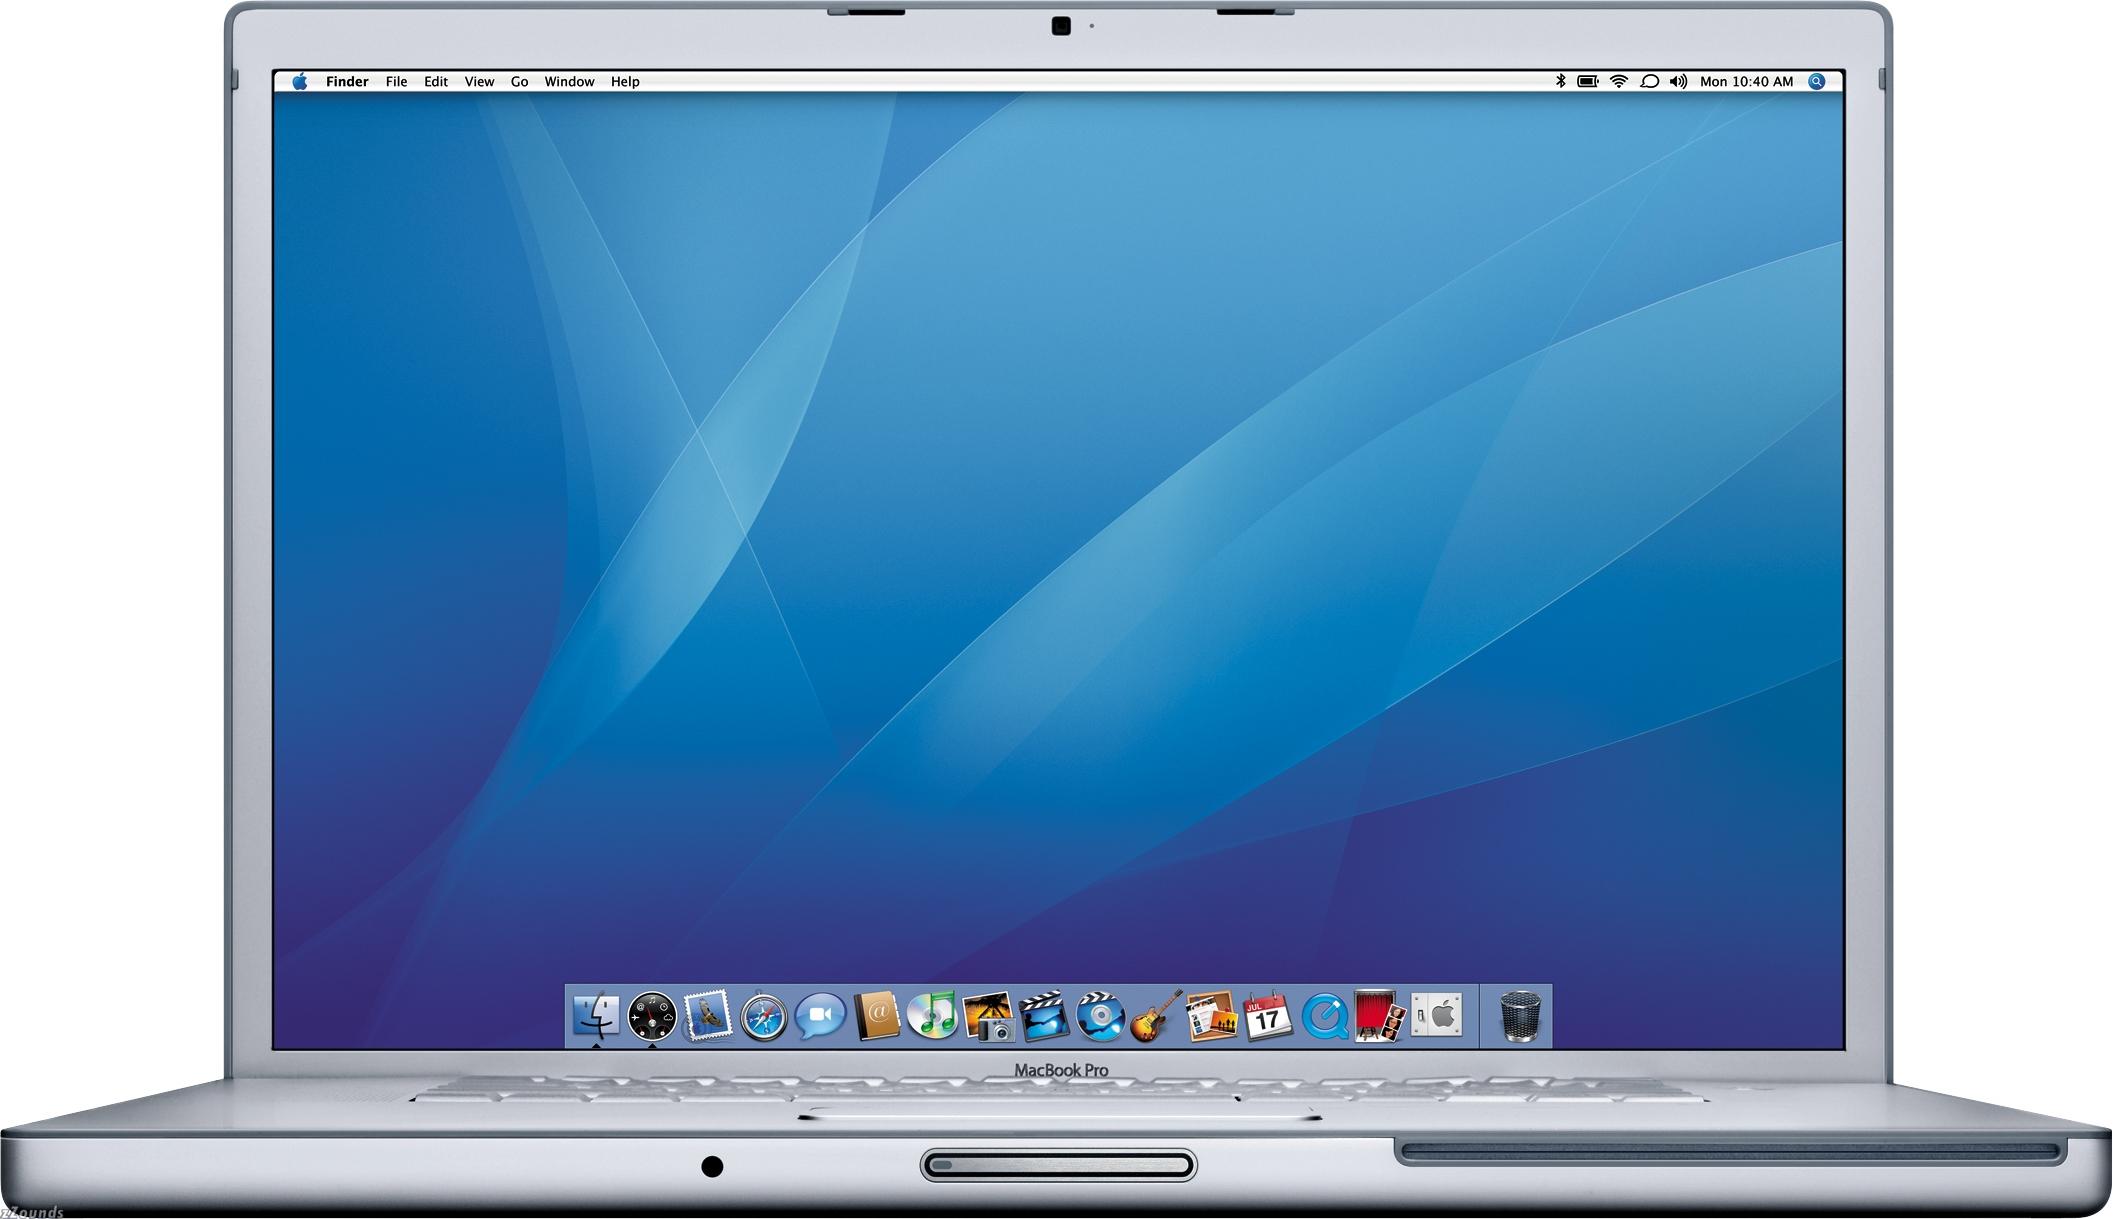 https://i0.wp.com/media.zzounds.com/media/brand,zzounds/MacBookPro17_PFopen_PRINT-8b55fb0a7421d76b25c173a156c39257.jpg